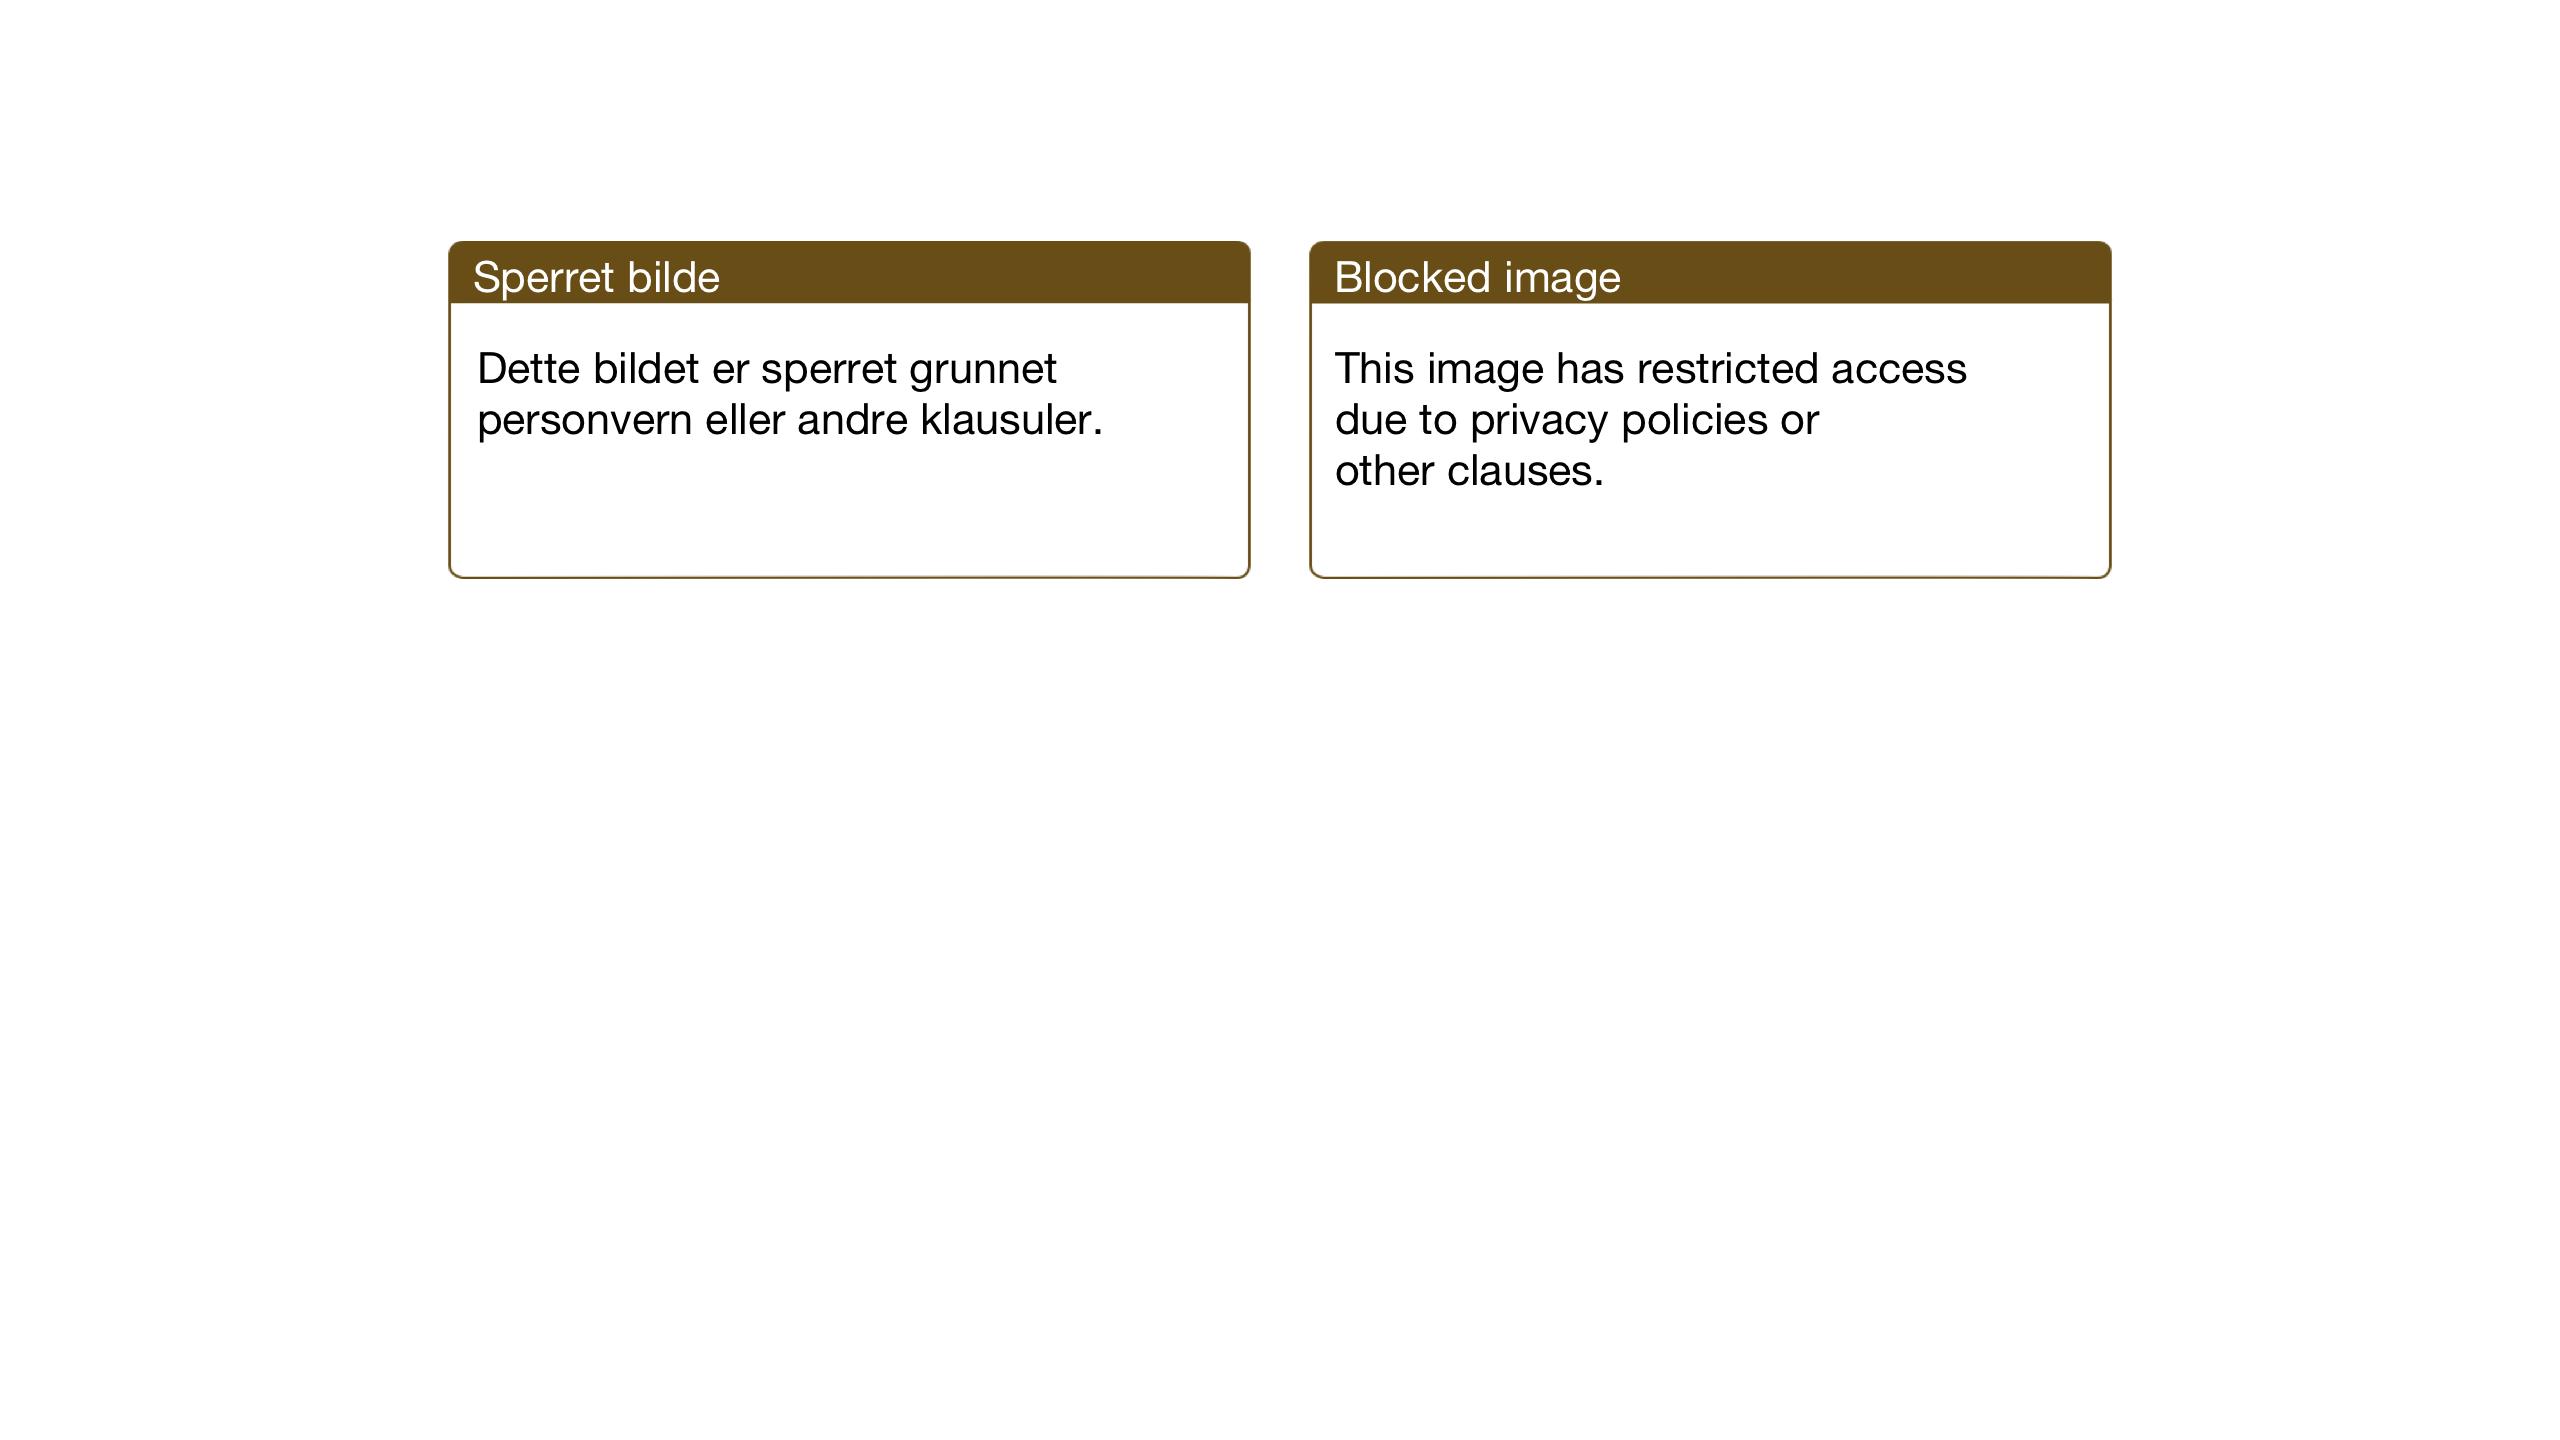 SAT, Ministerialprotokoller, klokkerbøker og fødselsregistre - Sør-Trøndelag, 617/L0433: Klokkerbok nr. 617C04, 1942-1947, s. 5